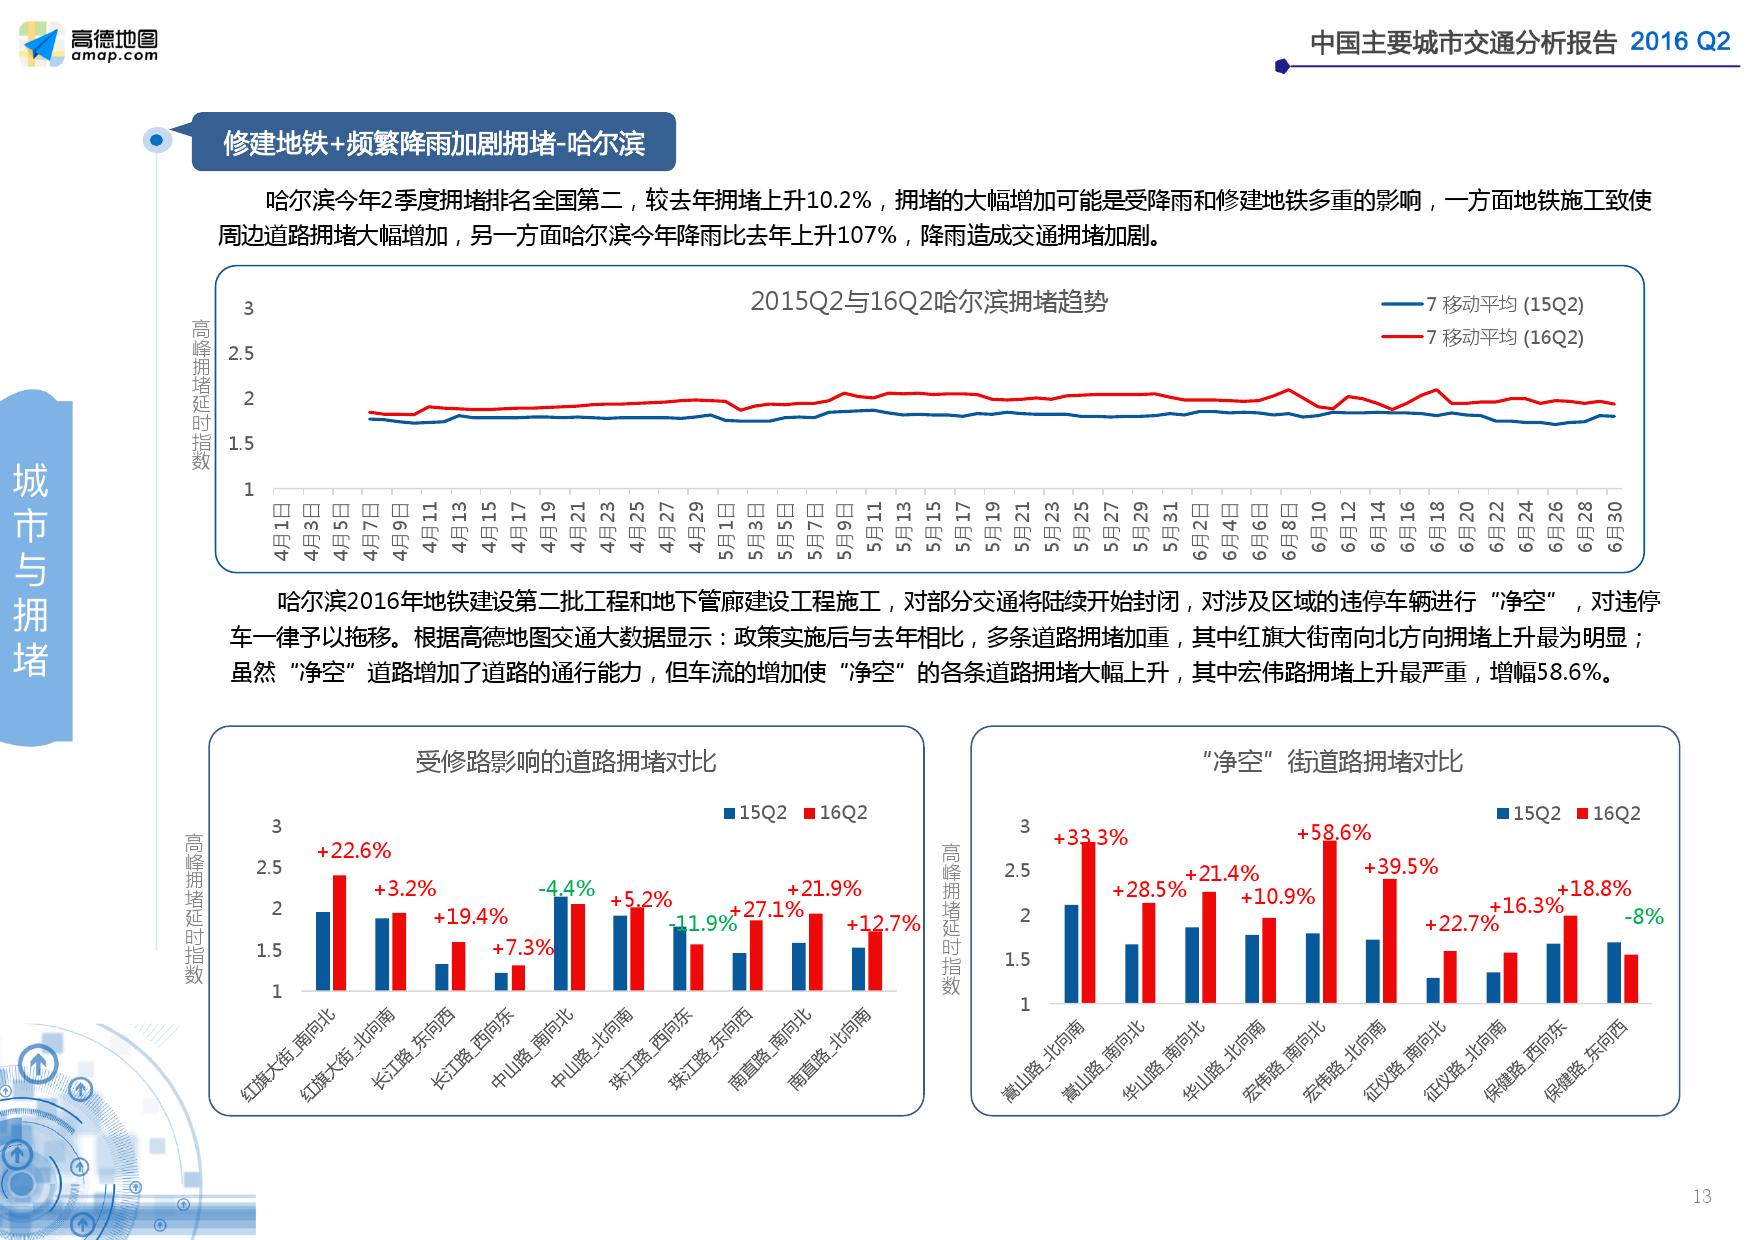 2016年Q2中国主要城市交通分析报告_000013